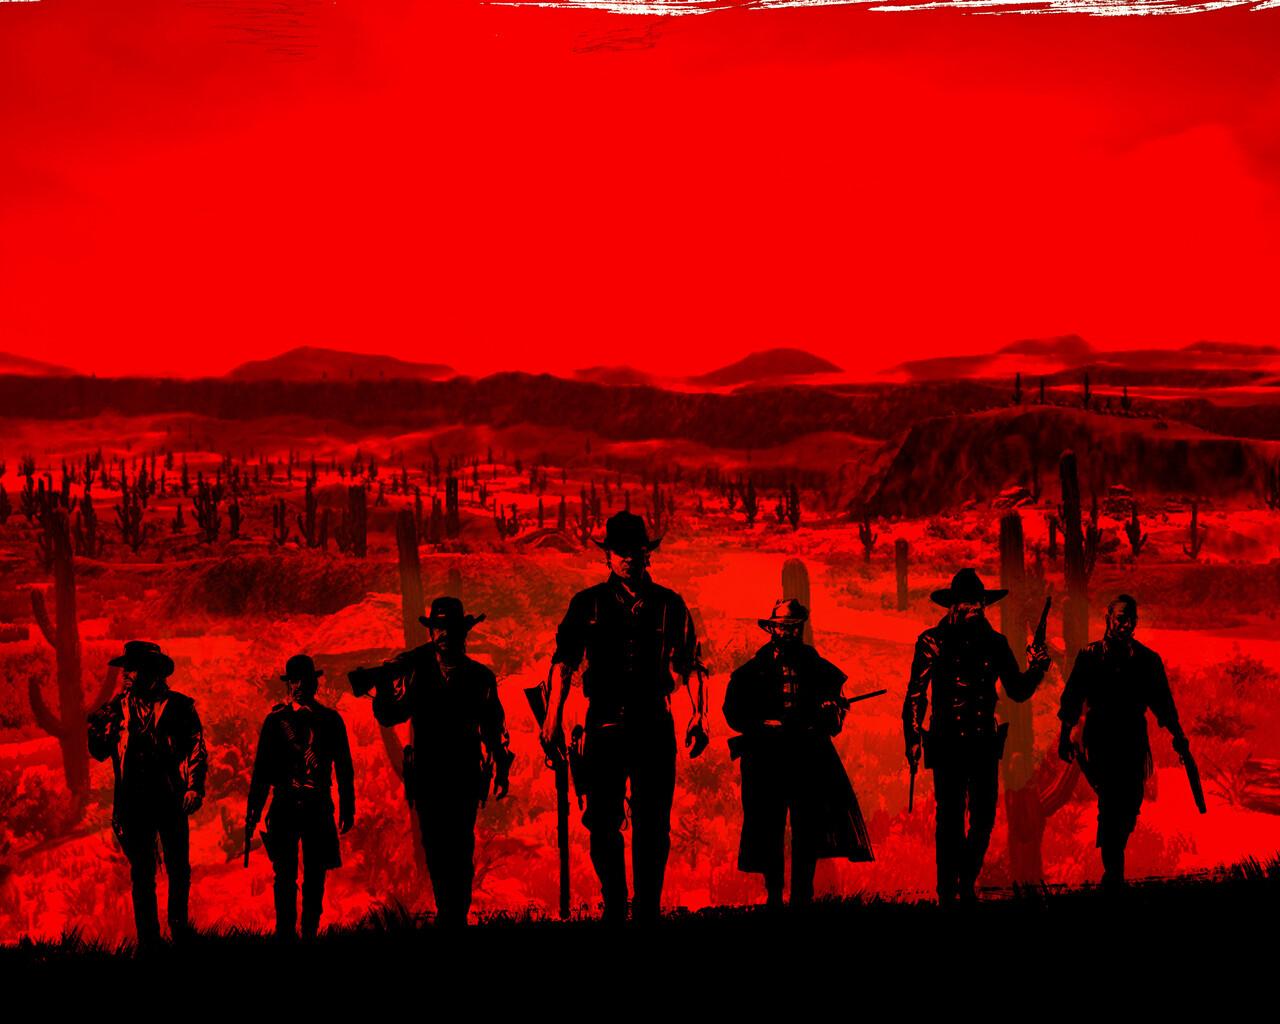 1280x1024 Red Dead Redemption 2 4k 1280x1024 Resolution Hd 4k